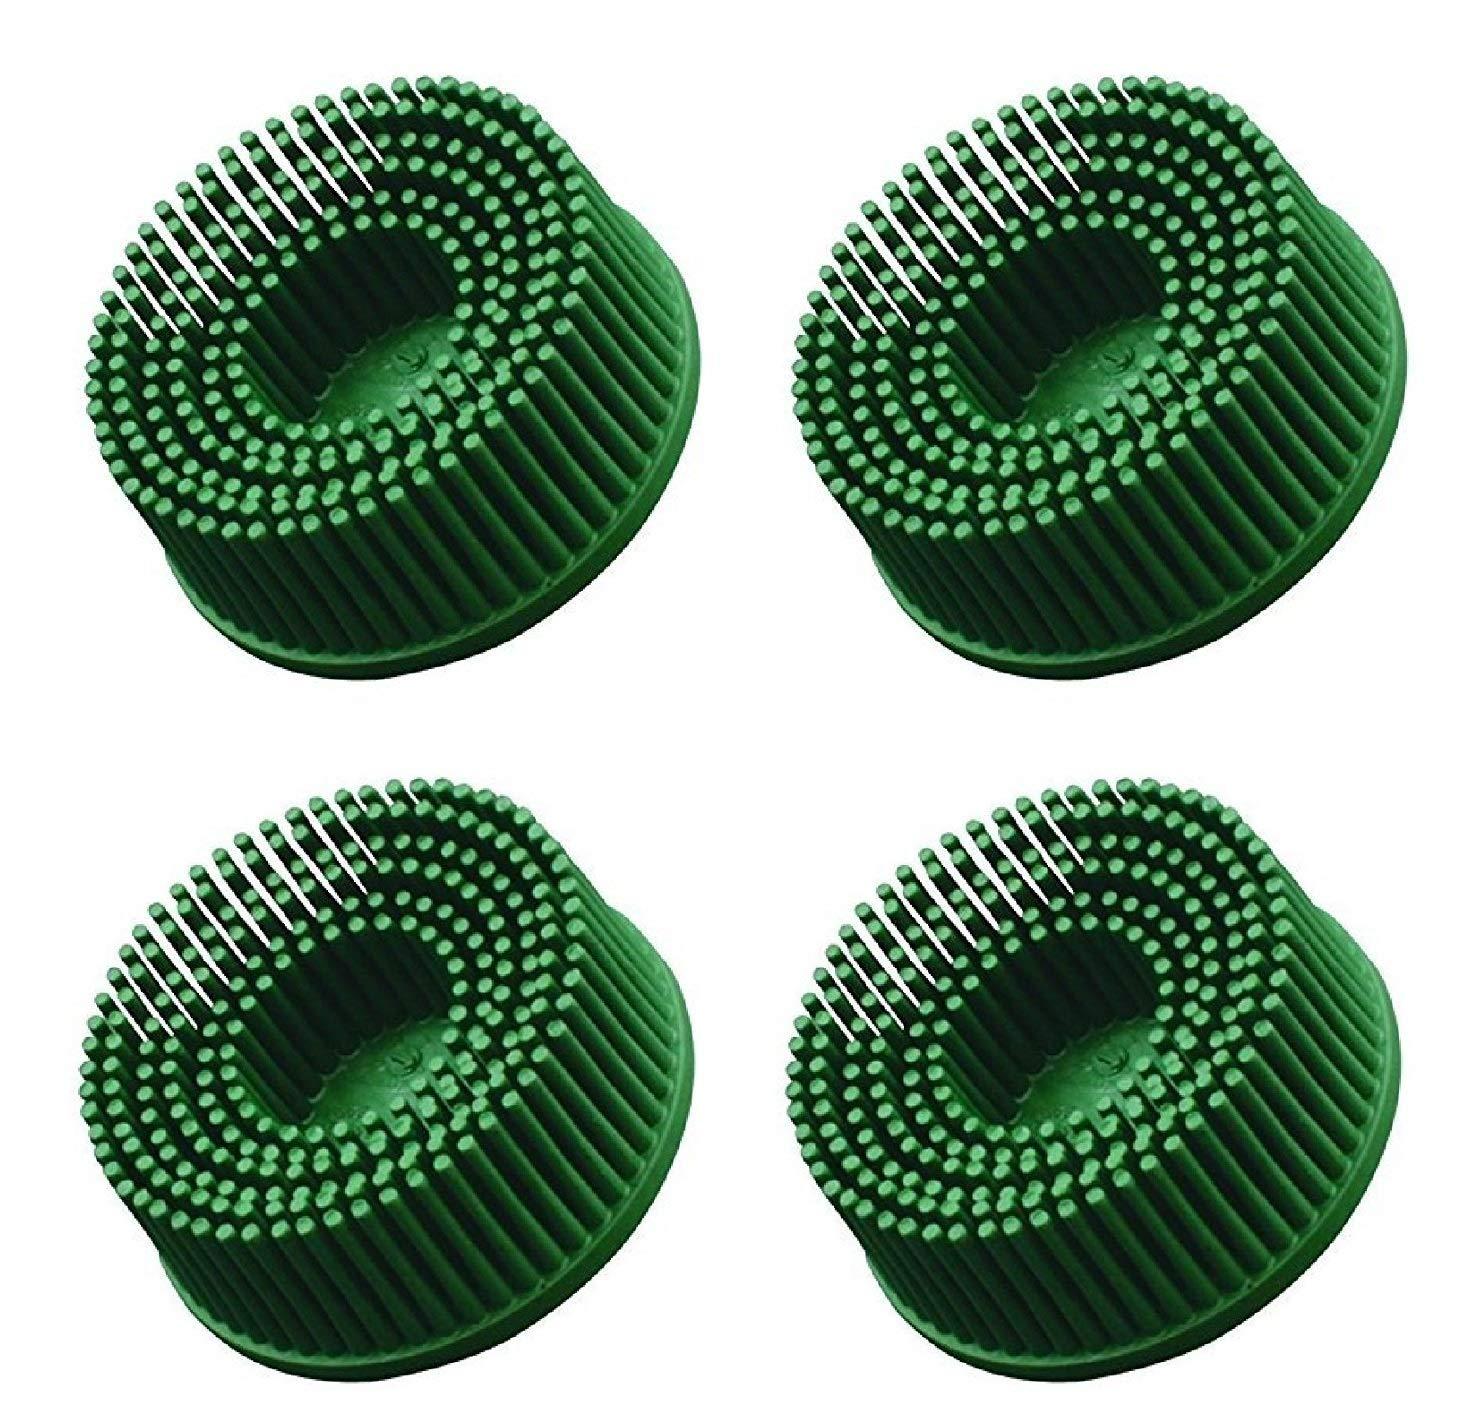 3M 3M-18730 Roloc Bristle Disc Grade - 50, (4 Pack)